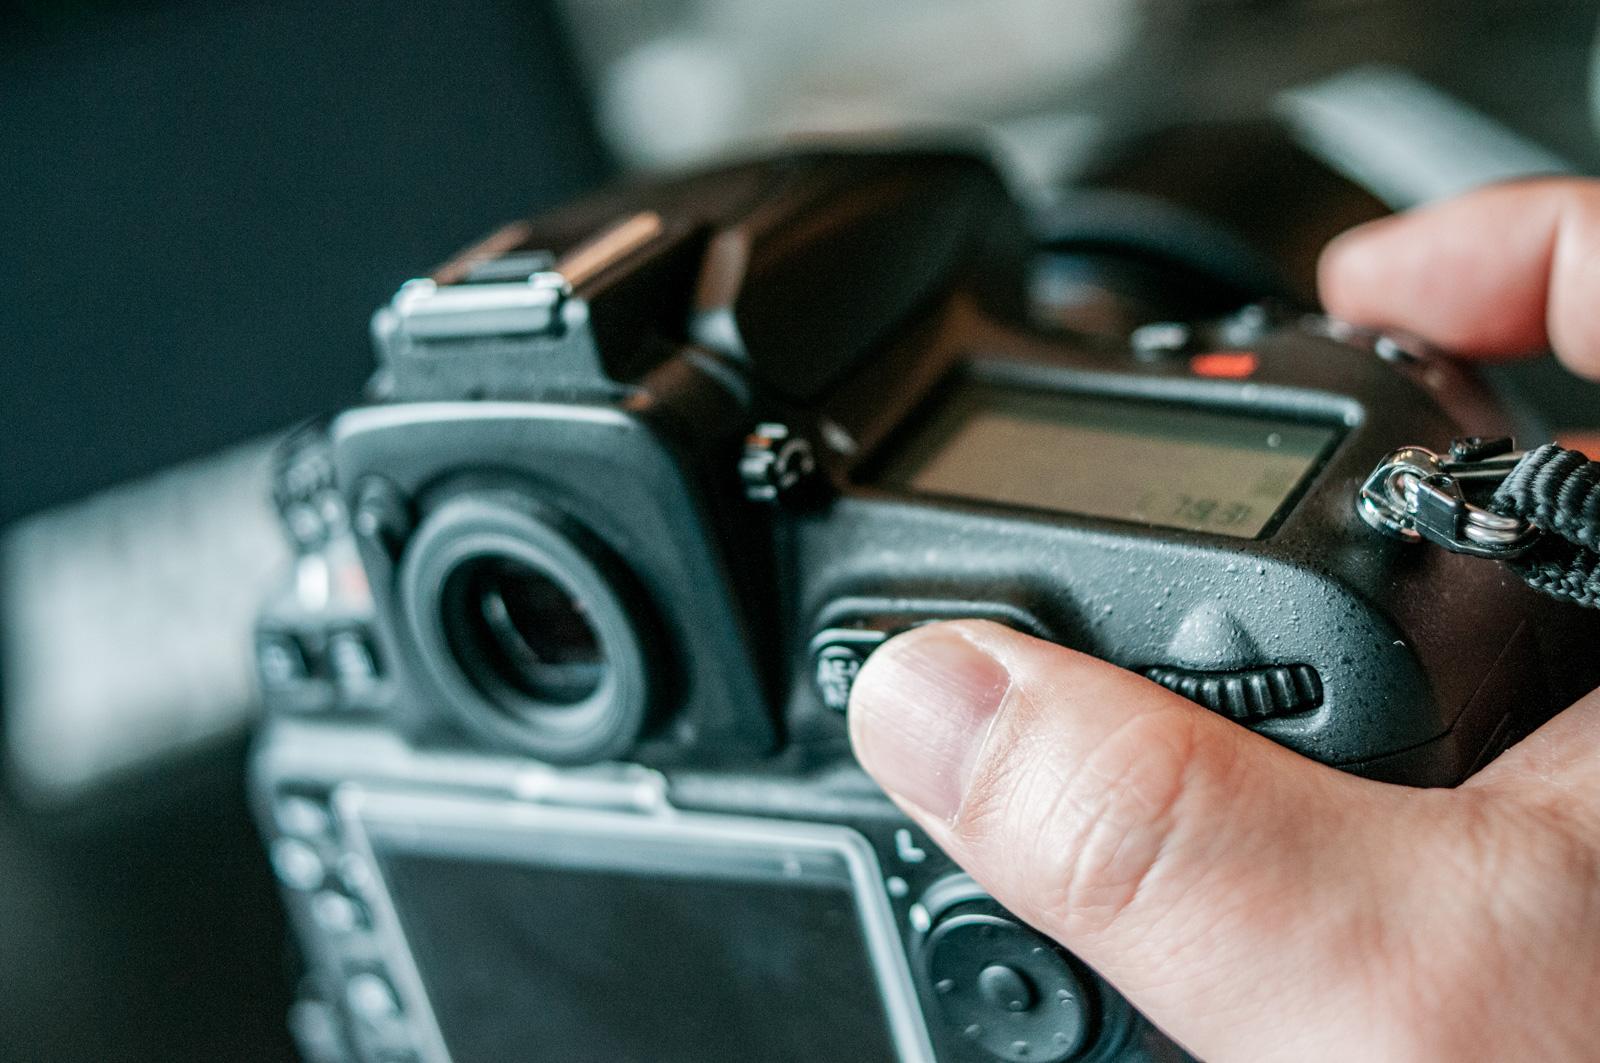 親指AFって知ってます?撮影が楽になるピントとシャッター分離の法則